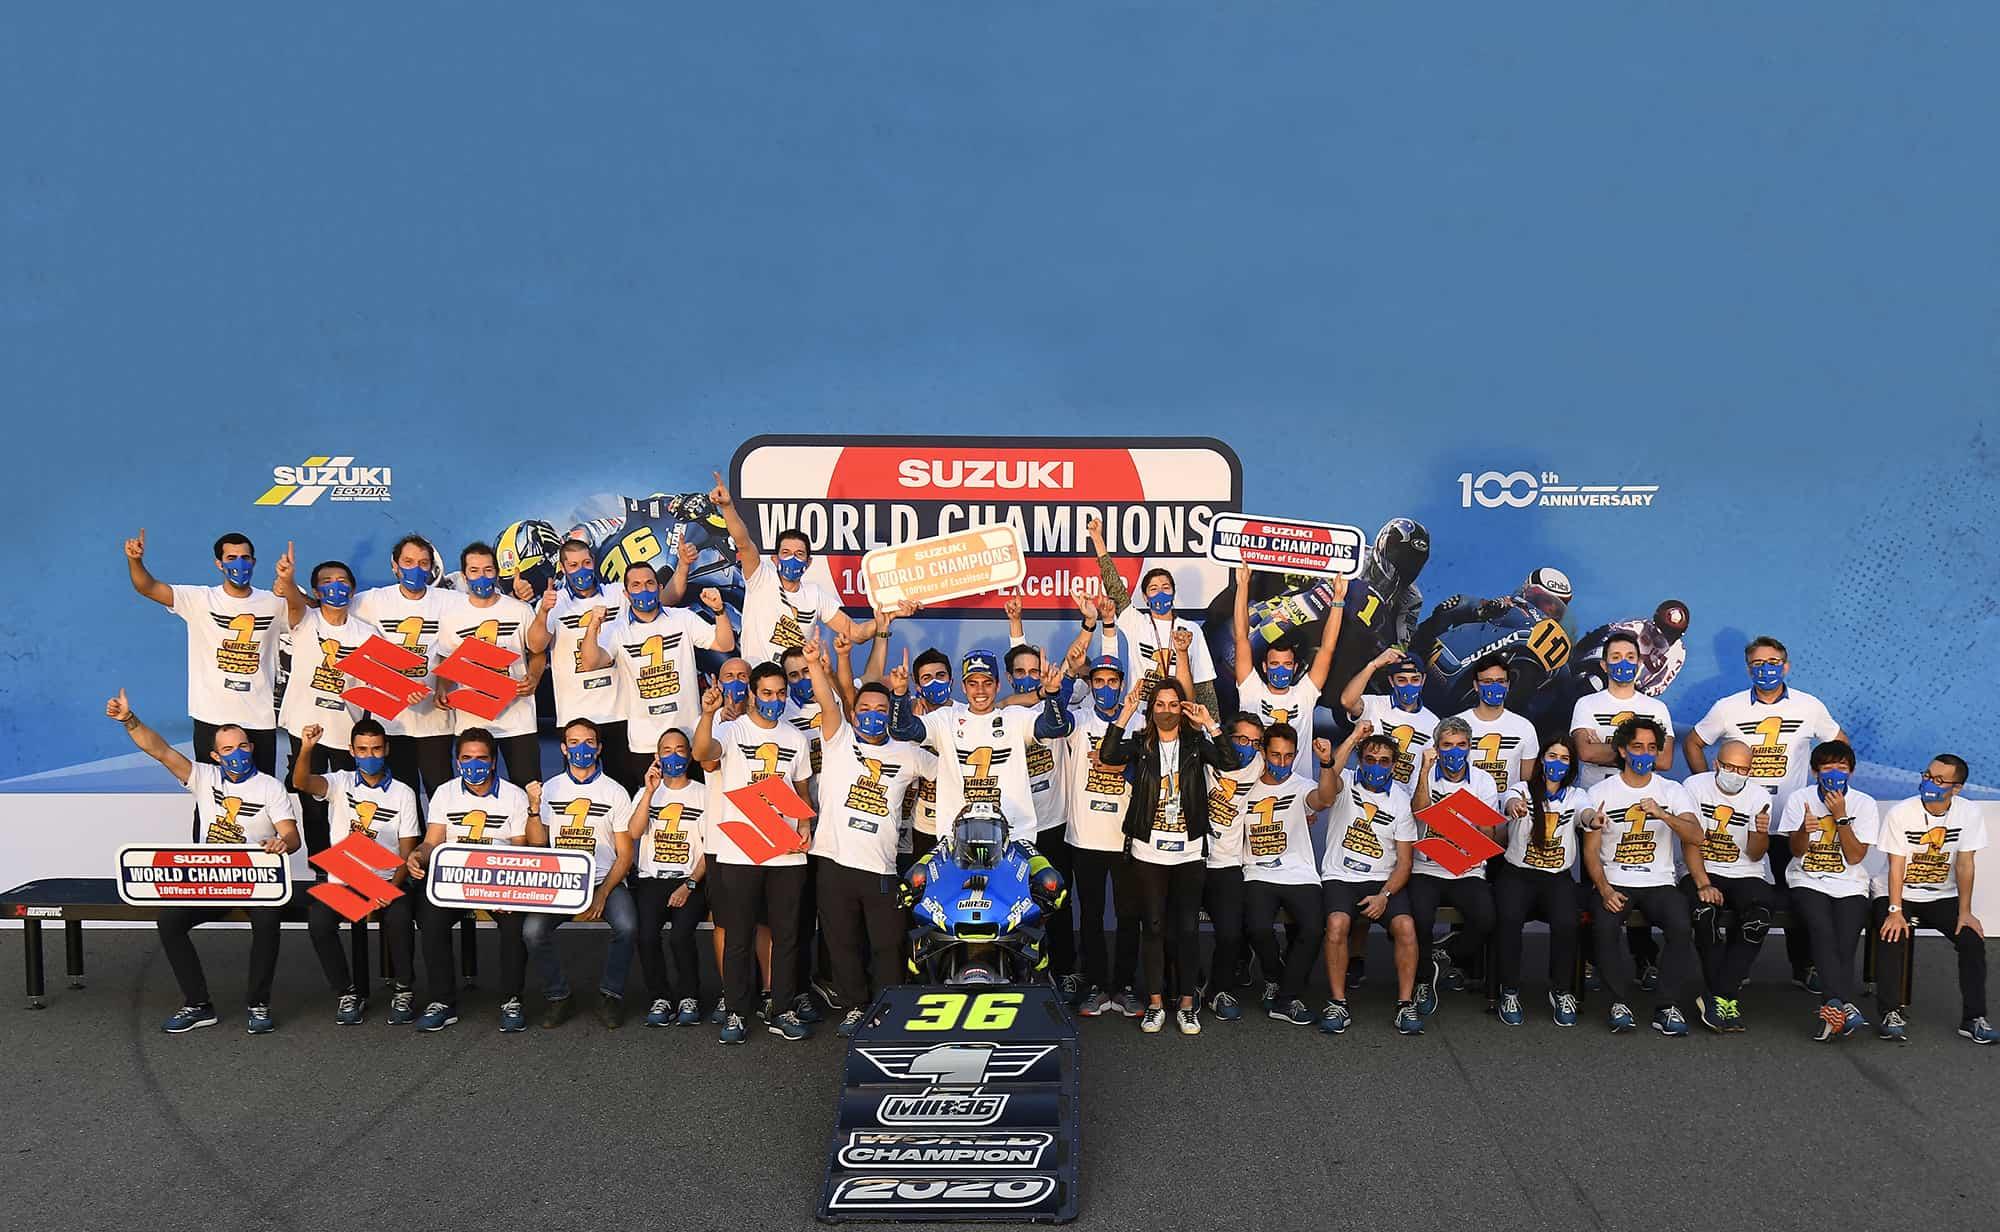 スズキ 2020 MotoGP ジョアン・ミル チャンピオングッズを、特設サイト及びスズキ二輪車正規取扱店にて予約販売